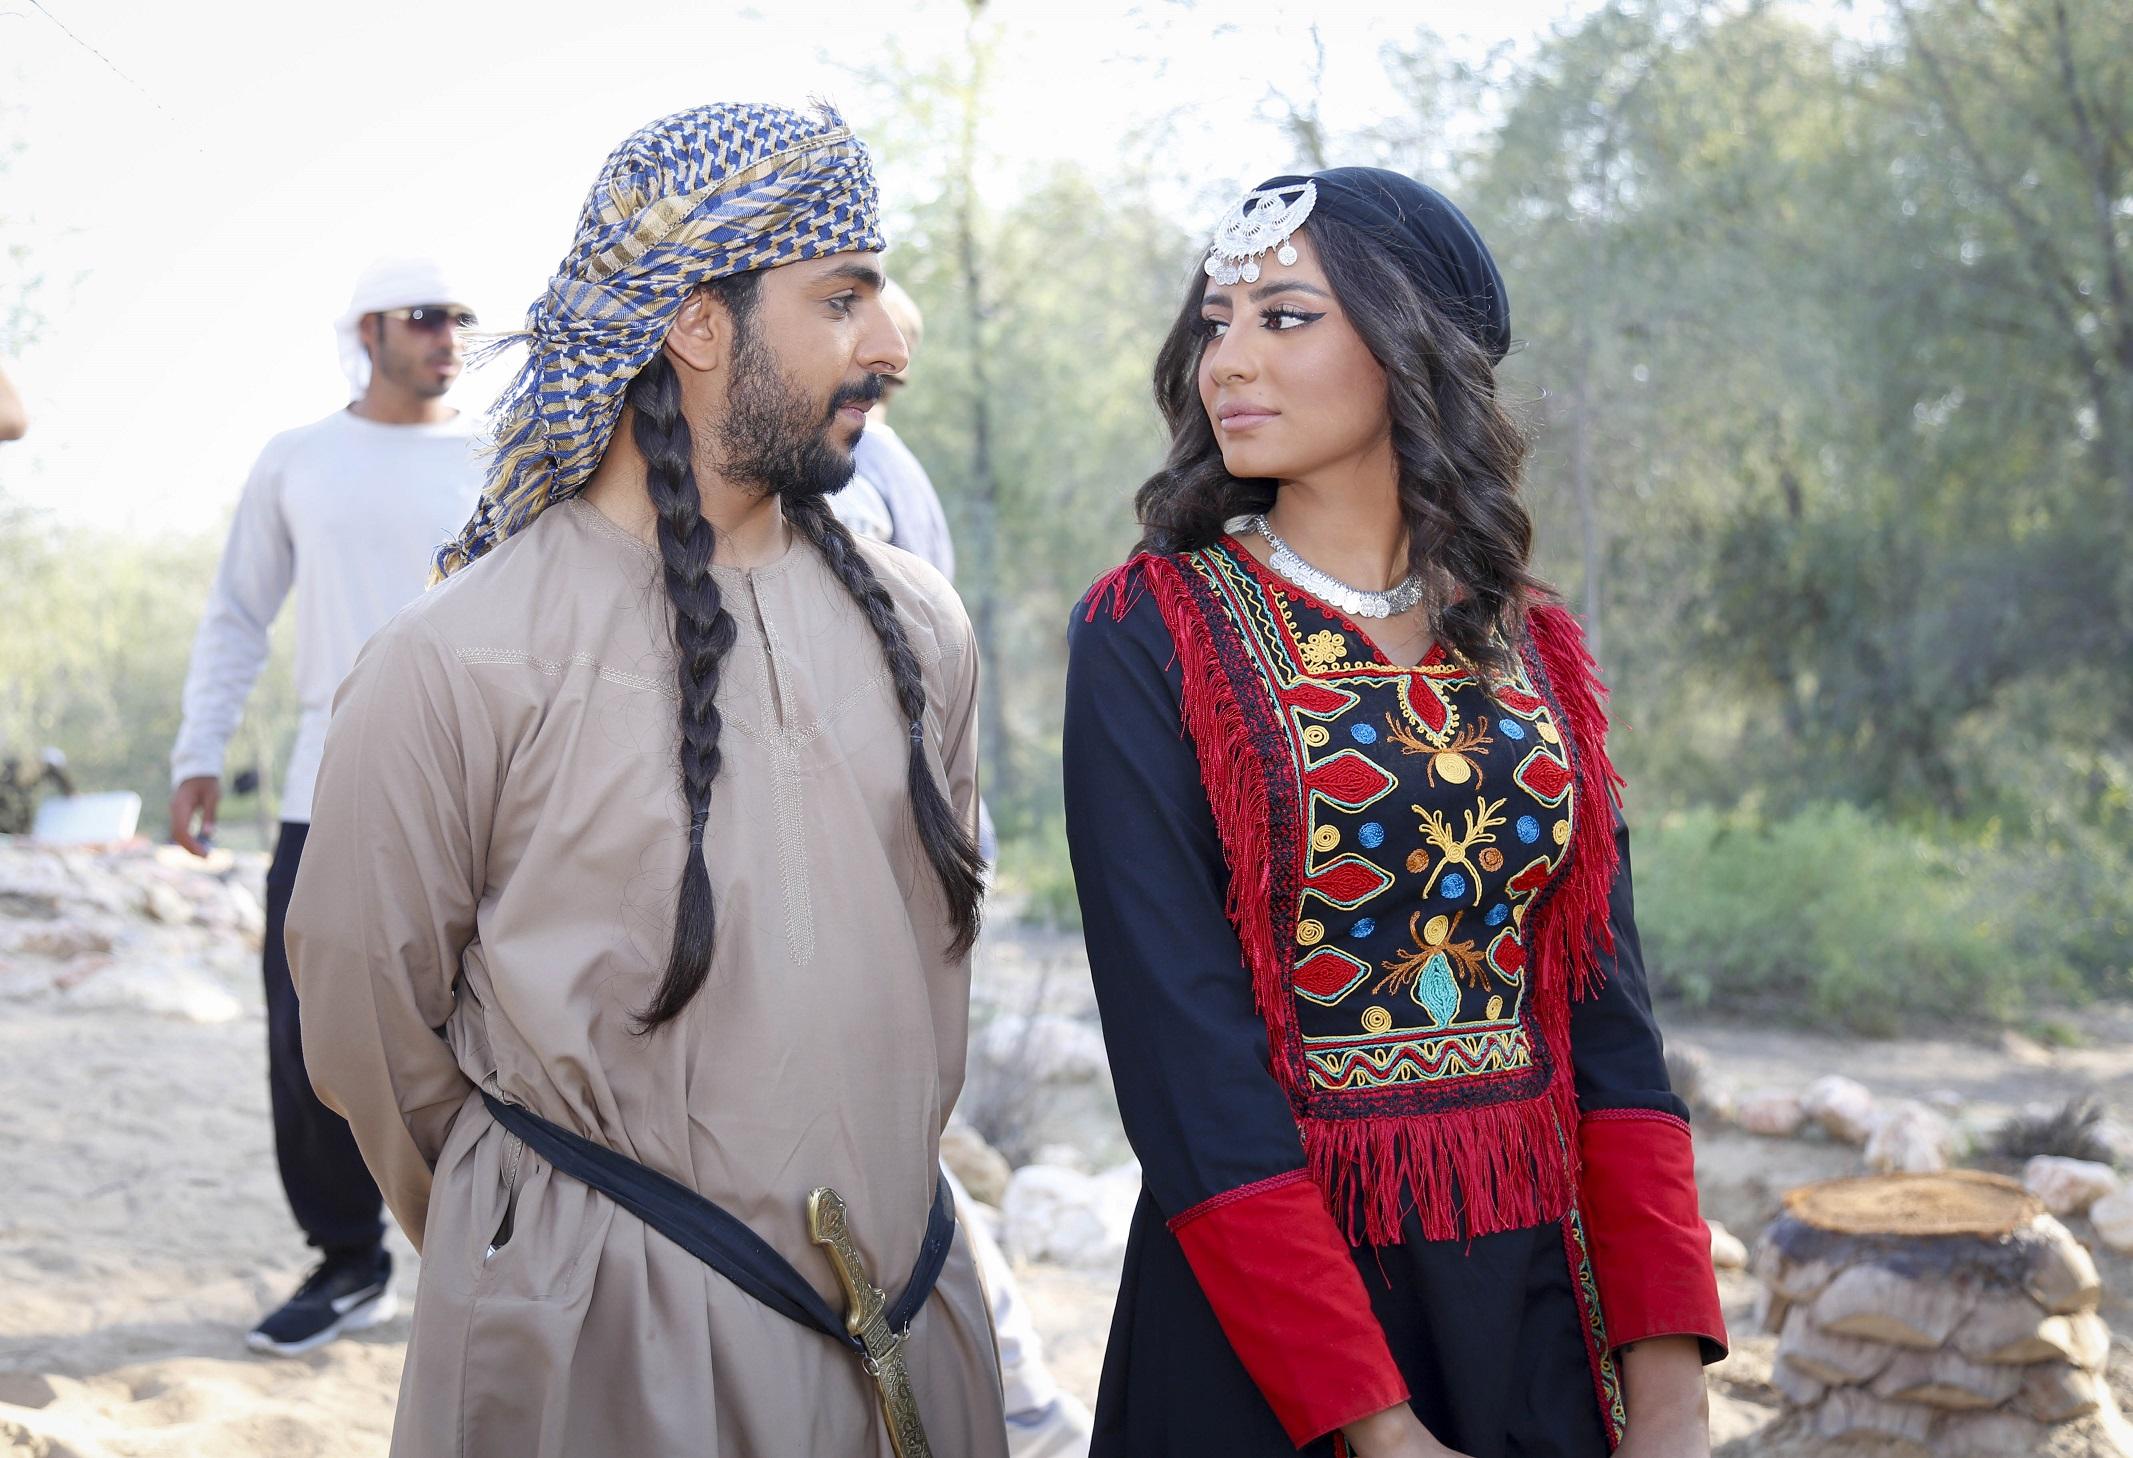 صورة بدء تصوير الفيلم الخليجي اهرب ياخلفان بمشاركة اماراتية سعودية